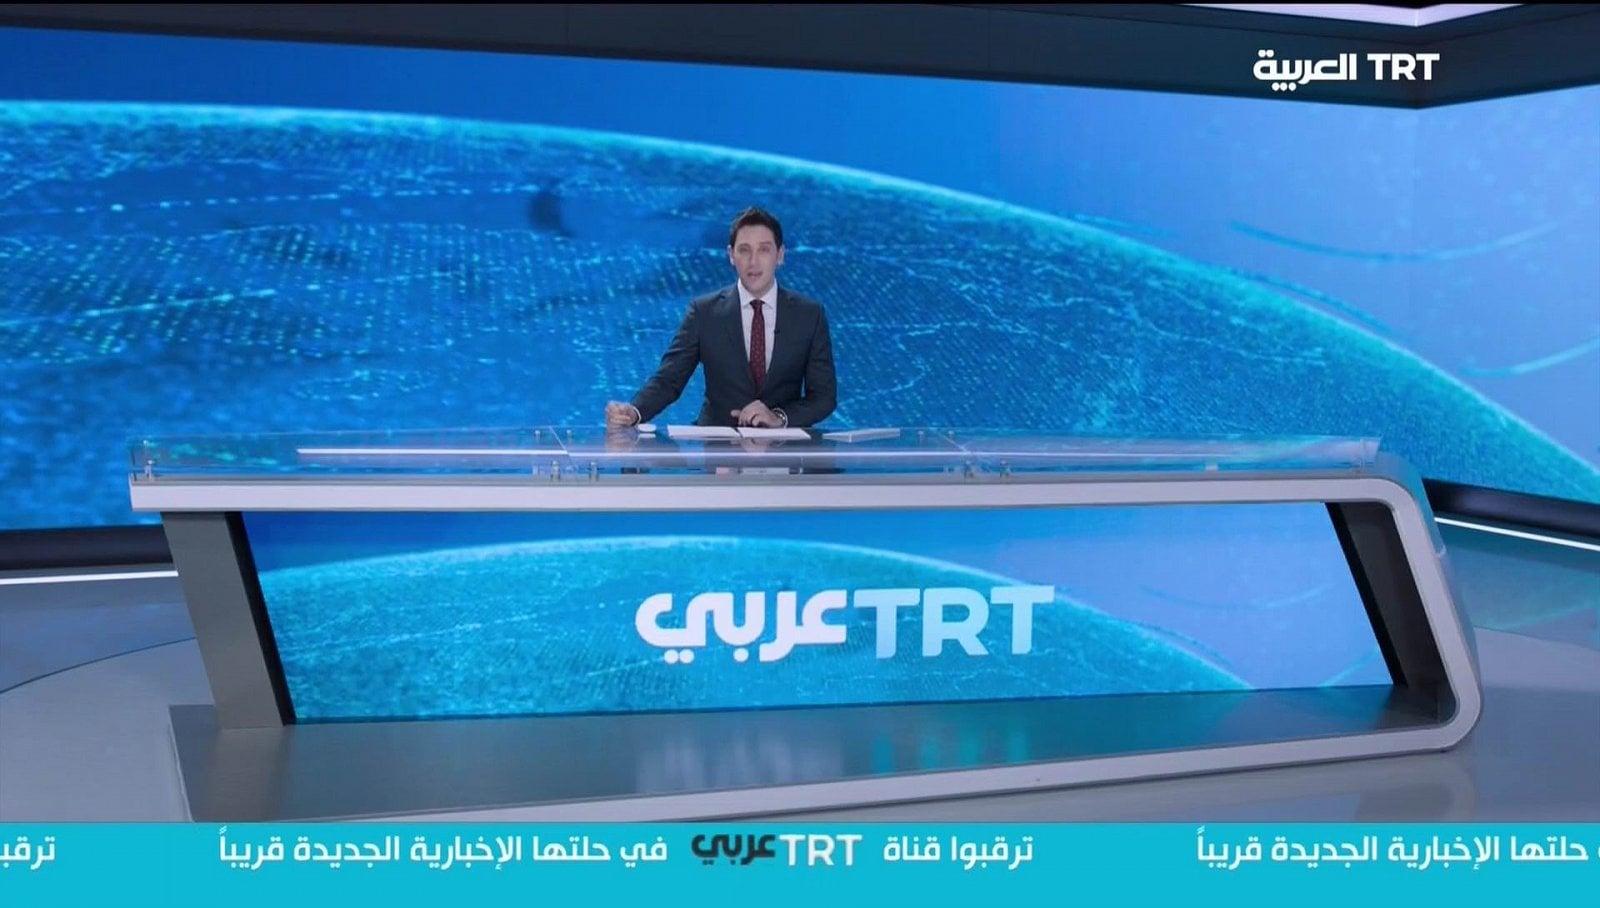 Nové satelitní FTA kanály 1. týden roku 2019